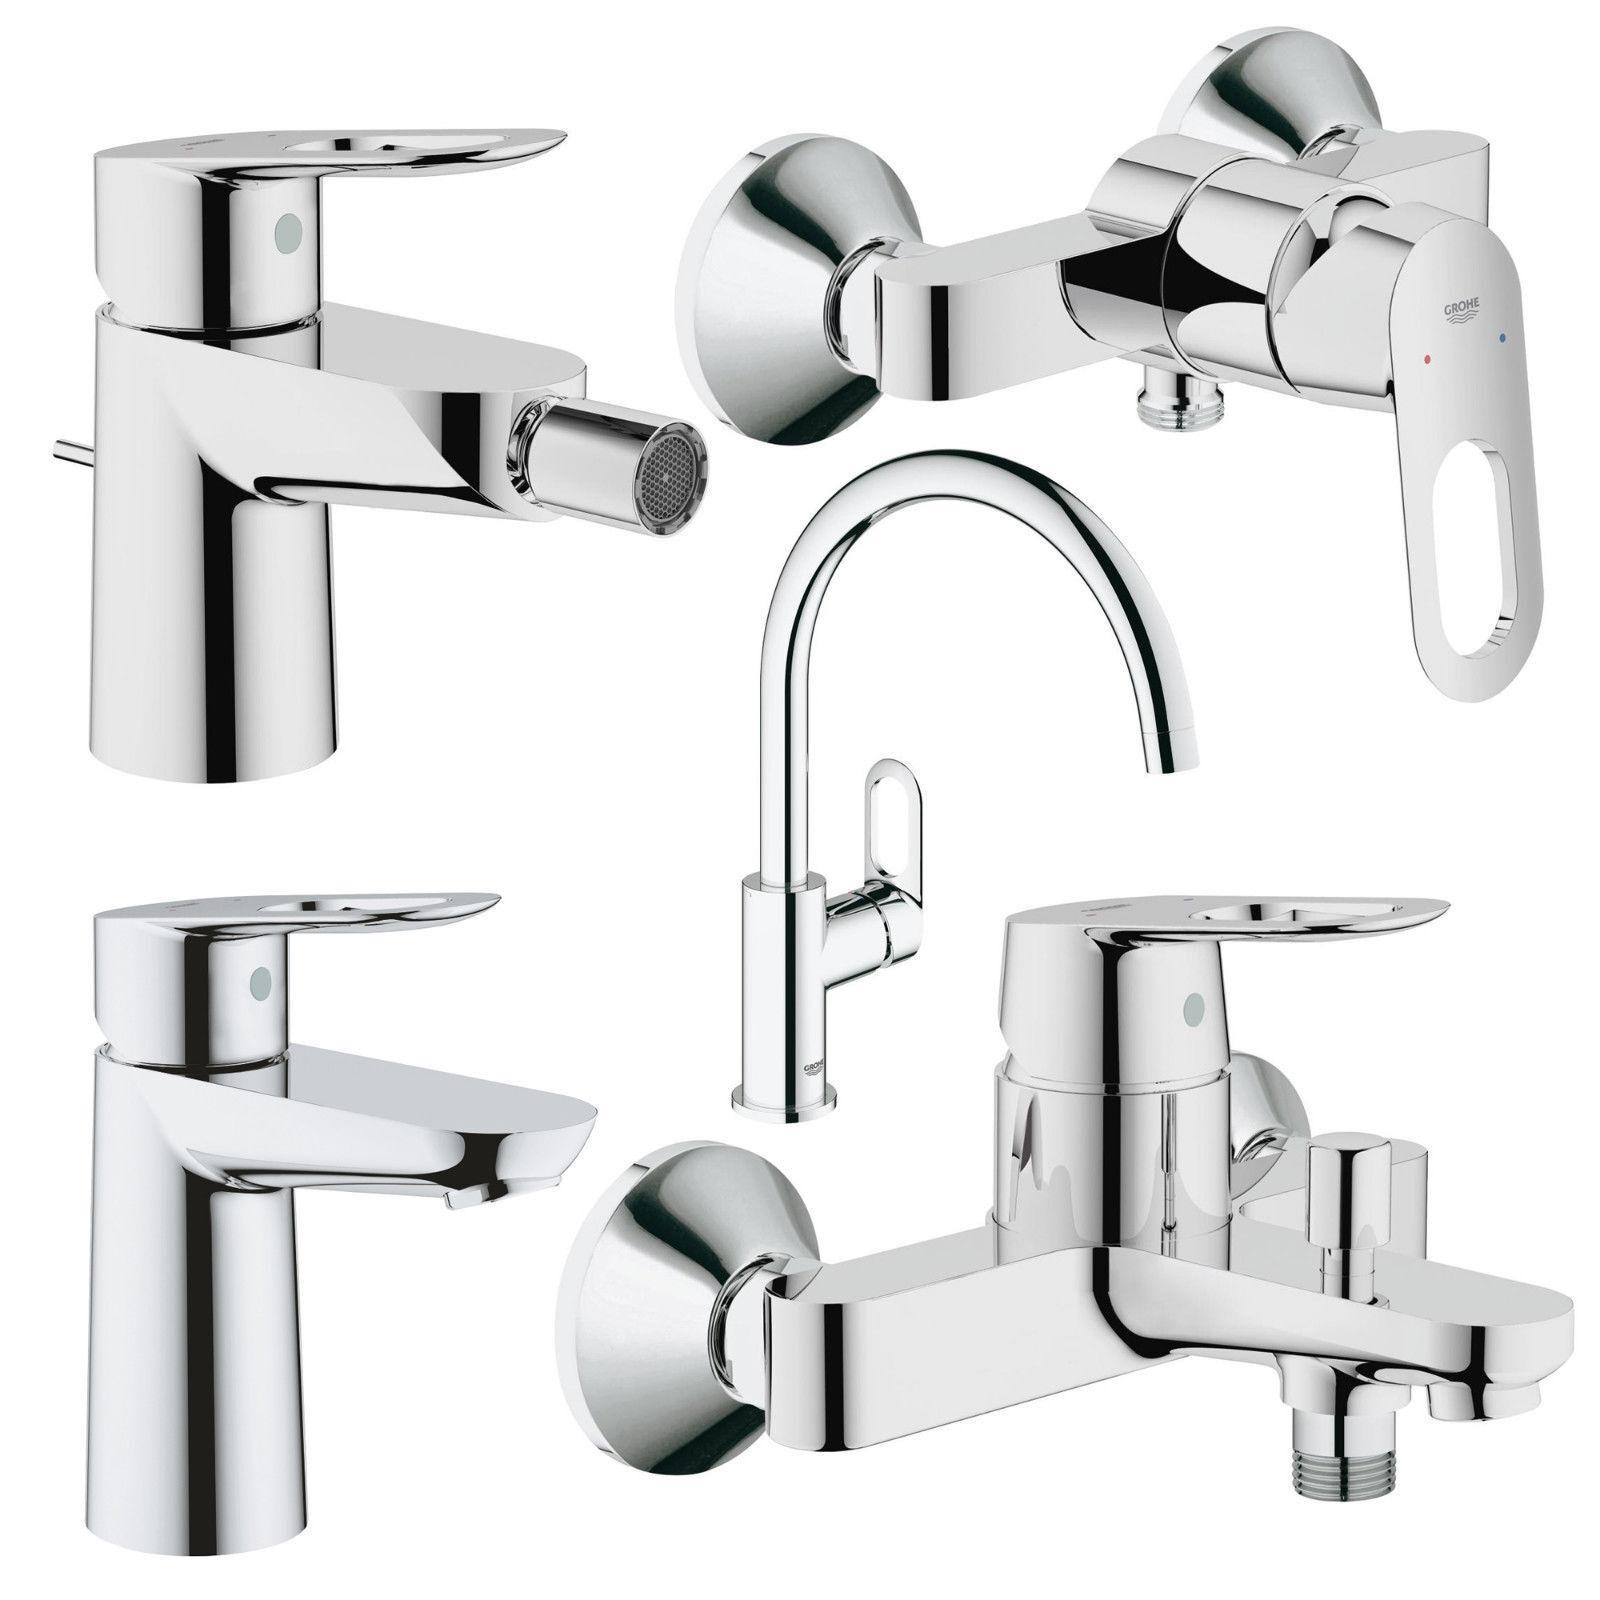 Grohe BauLoop Einhand Waschtischarmatur Wannenarmatur Brausearmatur Bidet Dusche